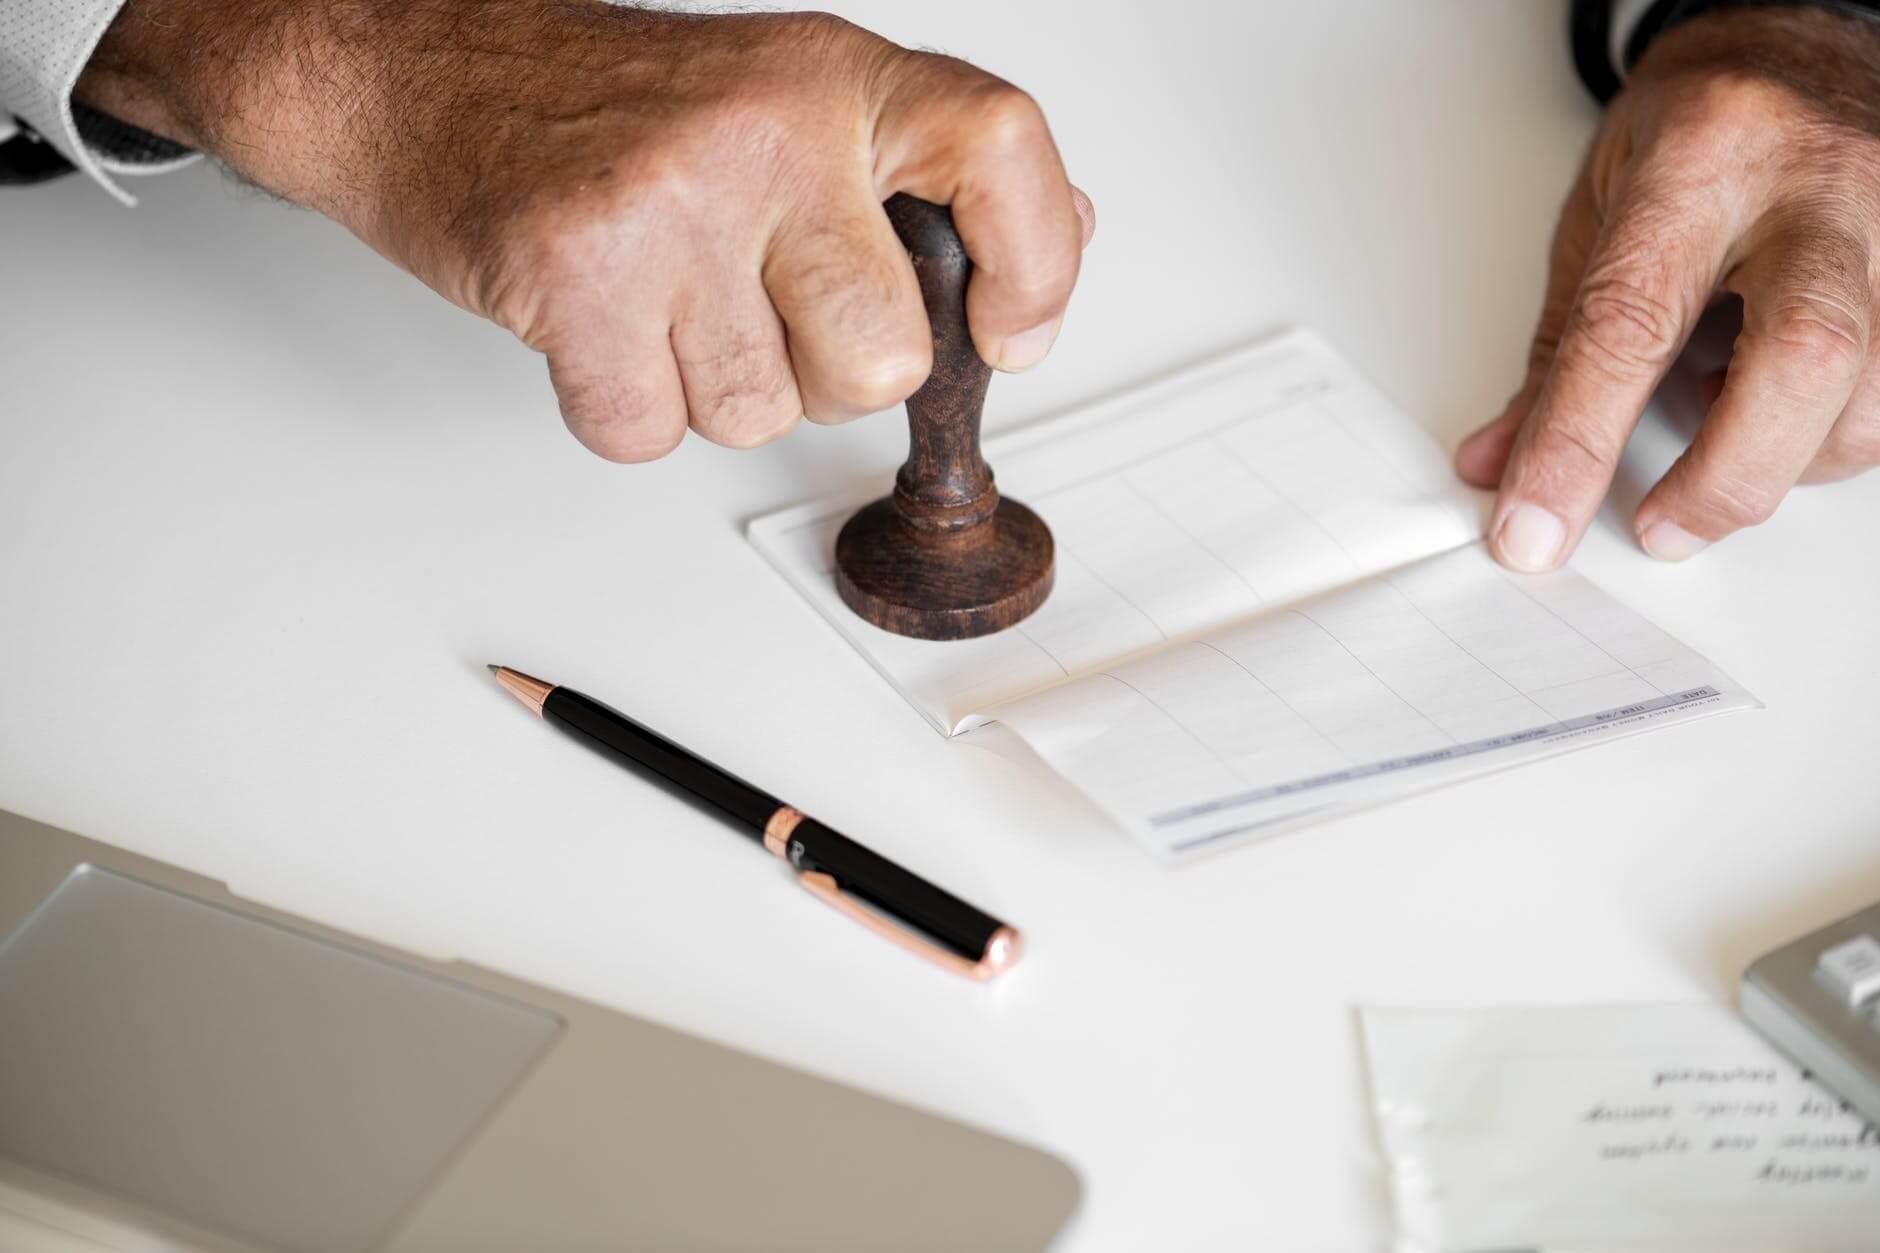 quy định về hợp pháp hóa lãnh sự